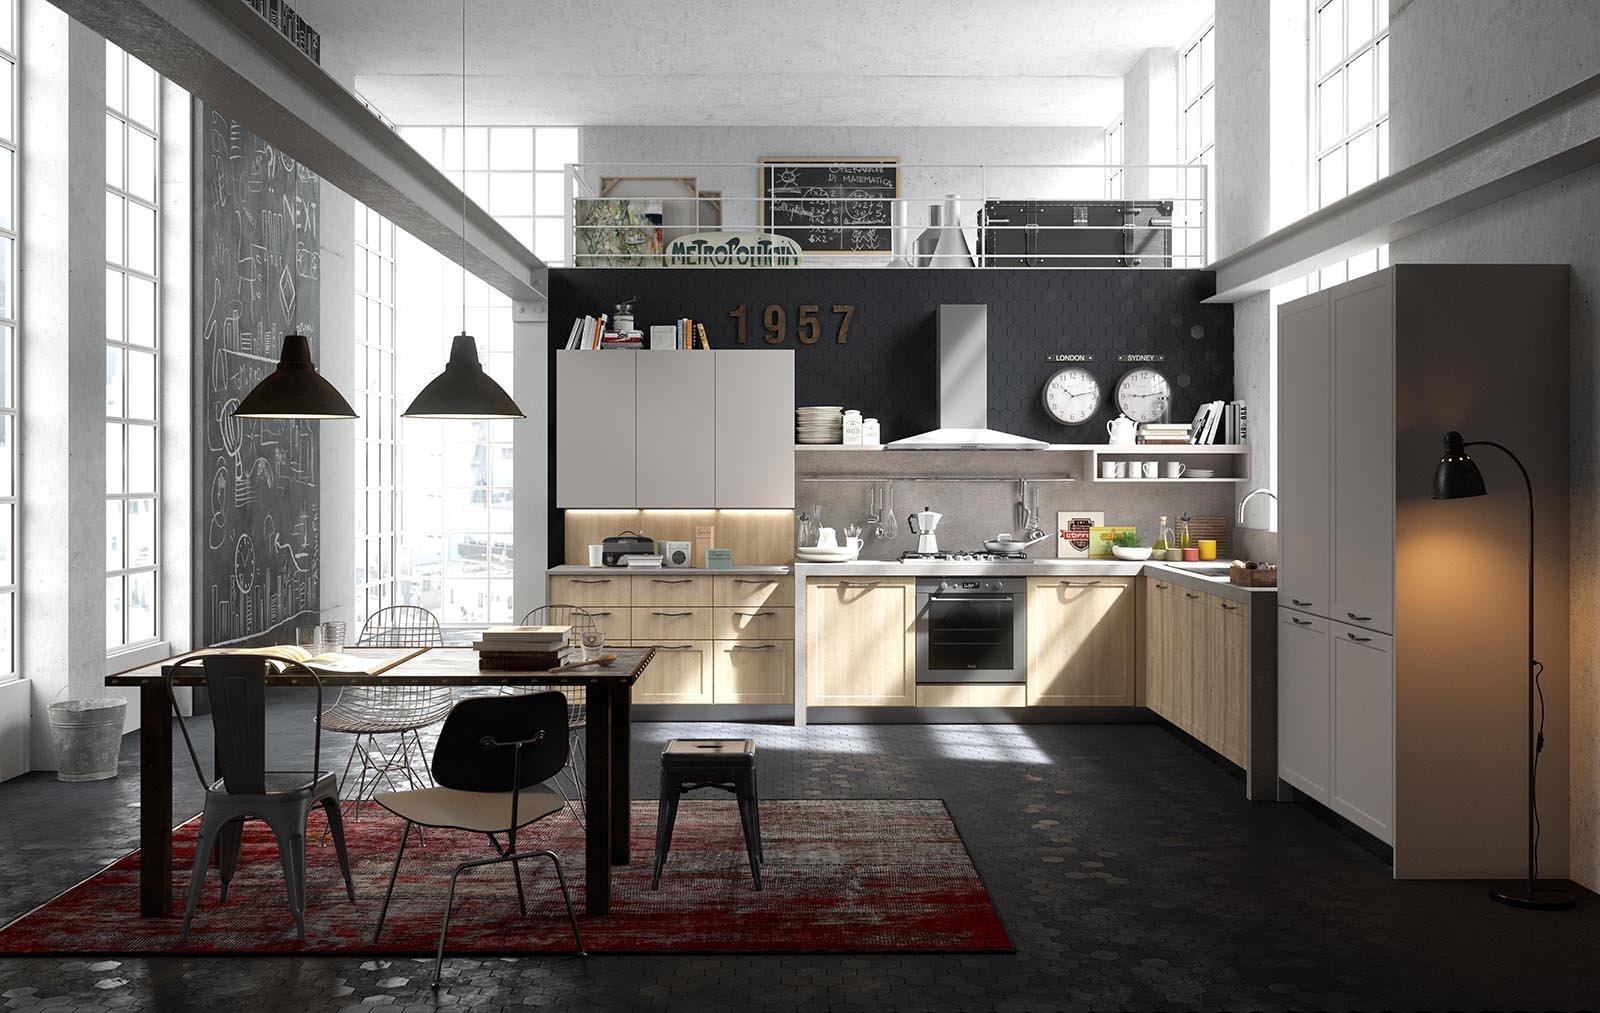 Le Cucine Pi Belle Del Mondo. Anche Per I Colori Le Cucine Pi Belle ...